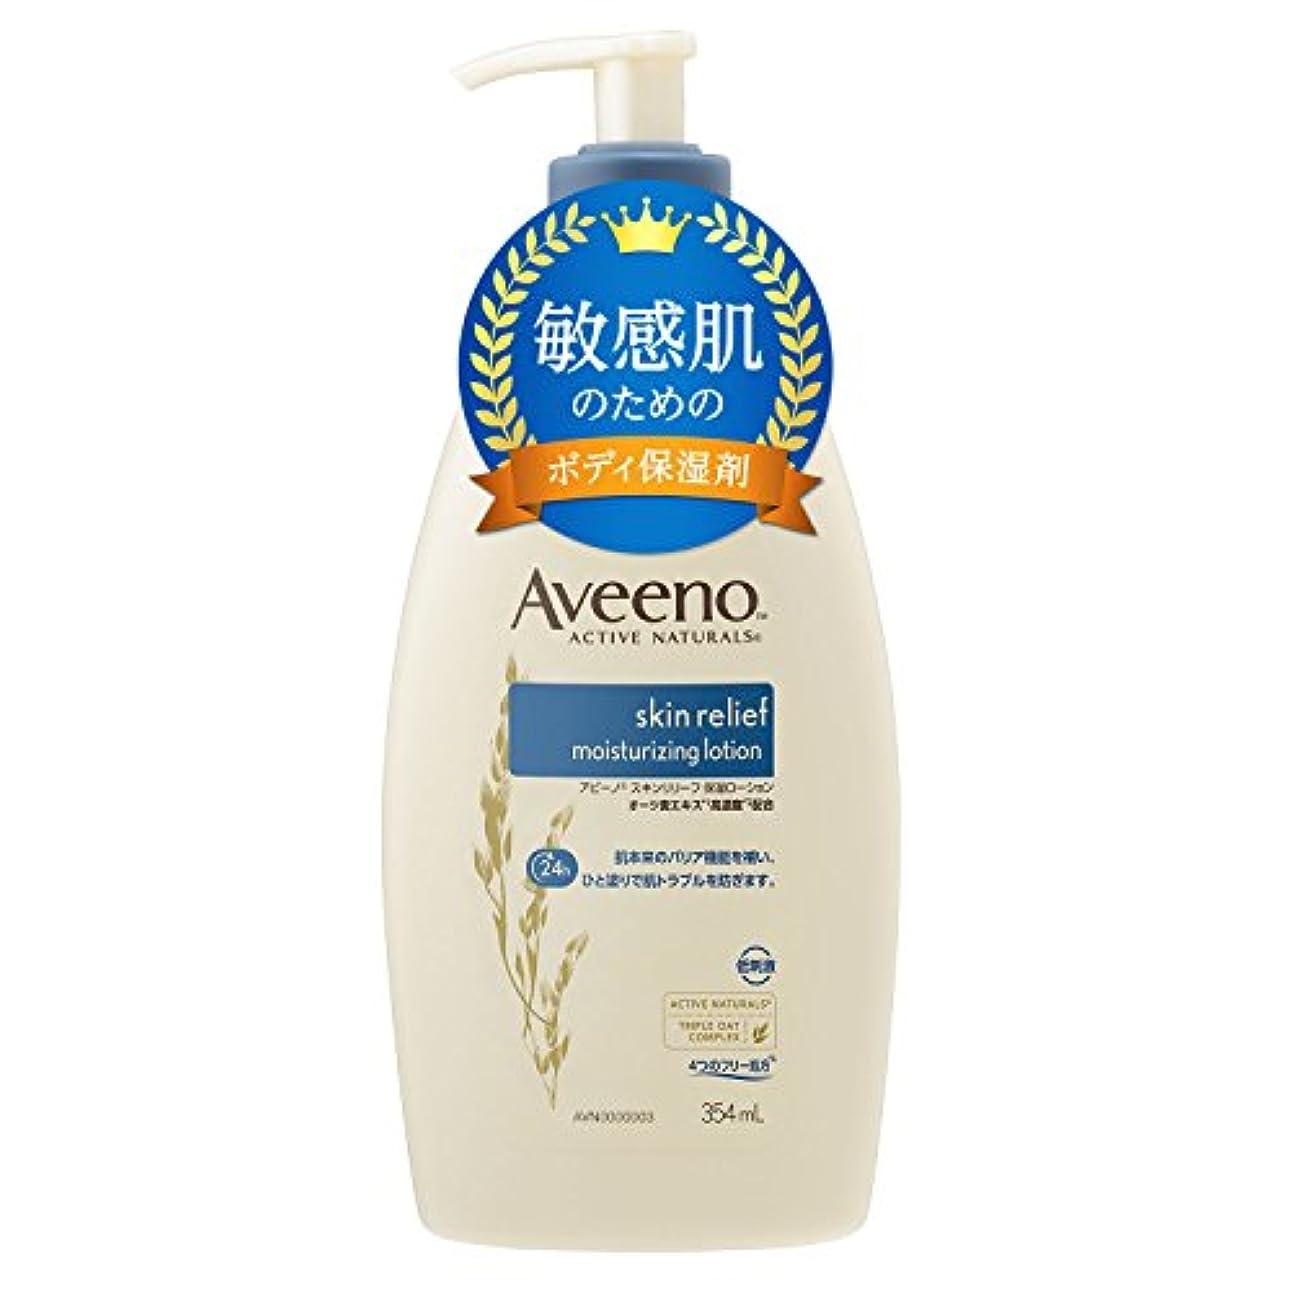 精度ビリーヤギ連結する【Amazon.co.jp限定】Aveeno(アビーノ) スキンリリーフ 保湿ローション 354ml 【極度の乾燥肌、敏感肌の方向け】